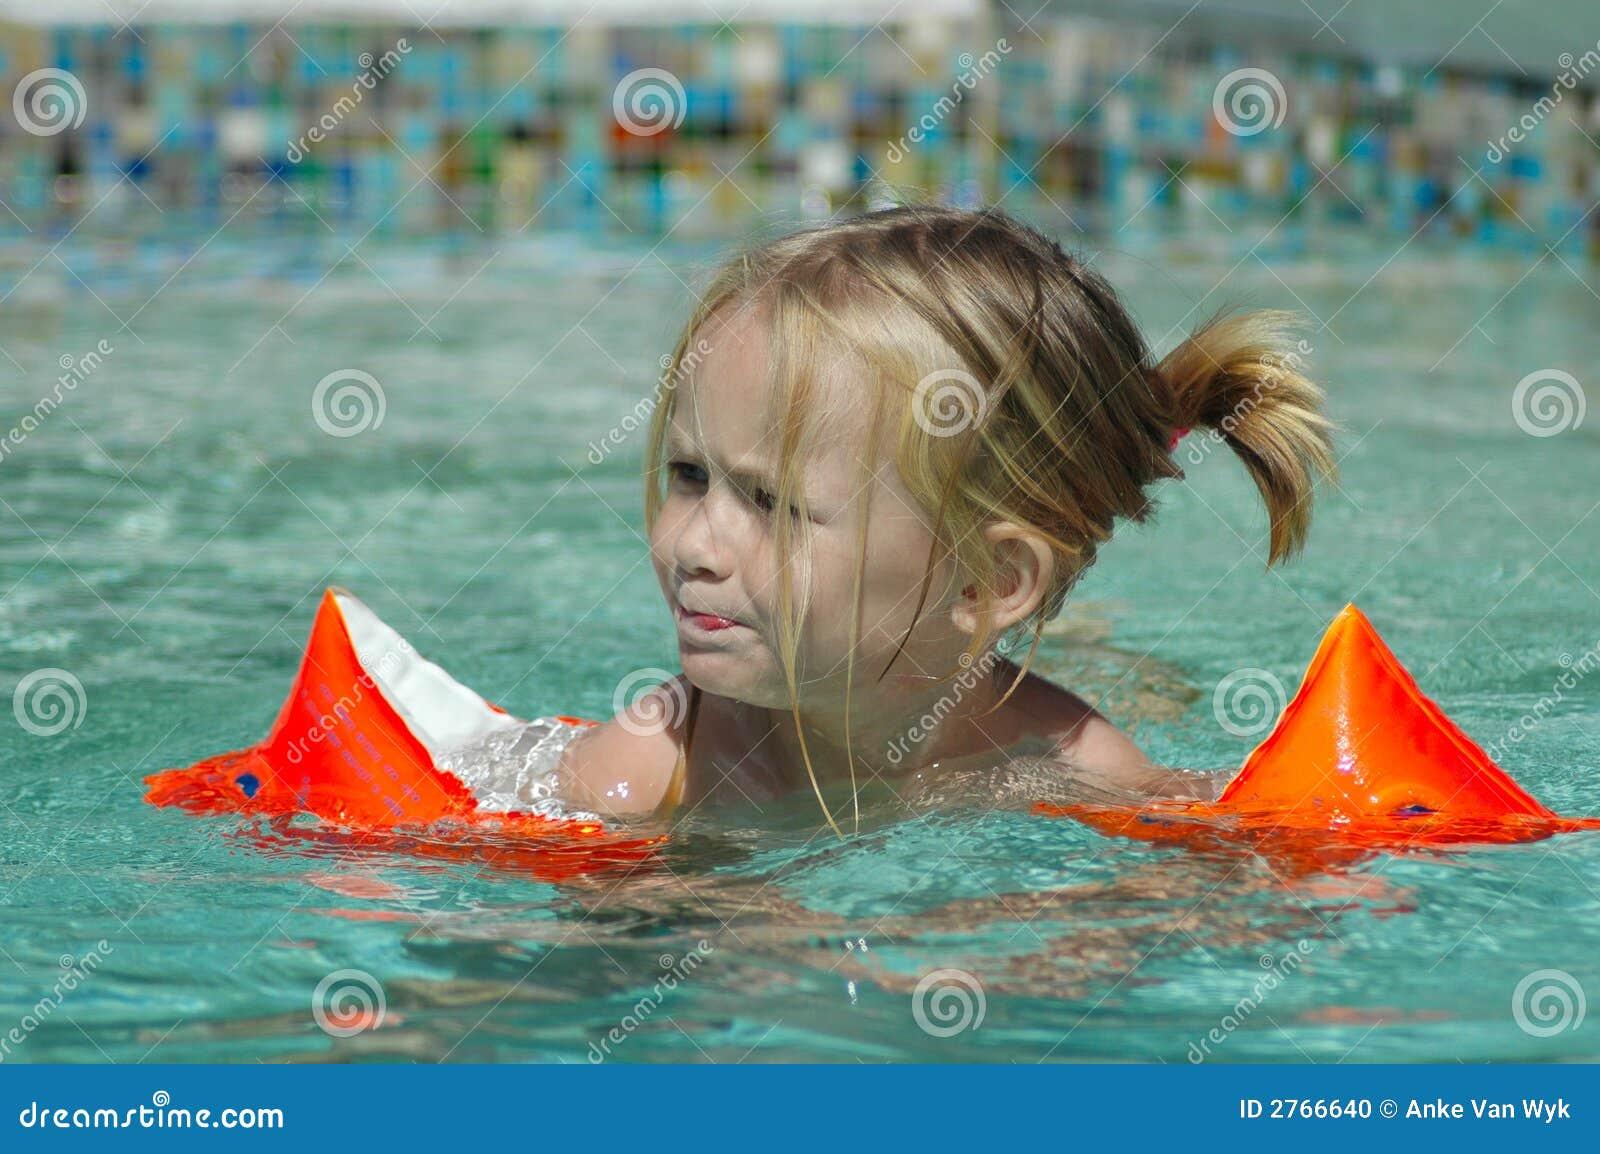 儿童练游泳时_儿童池游泳